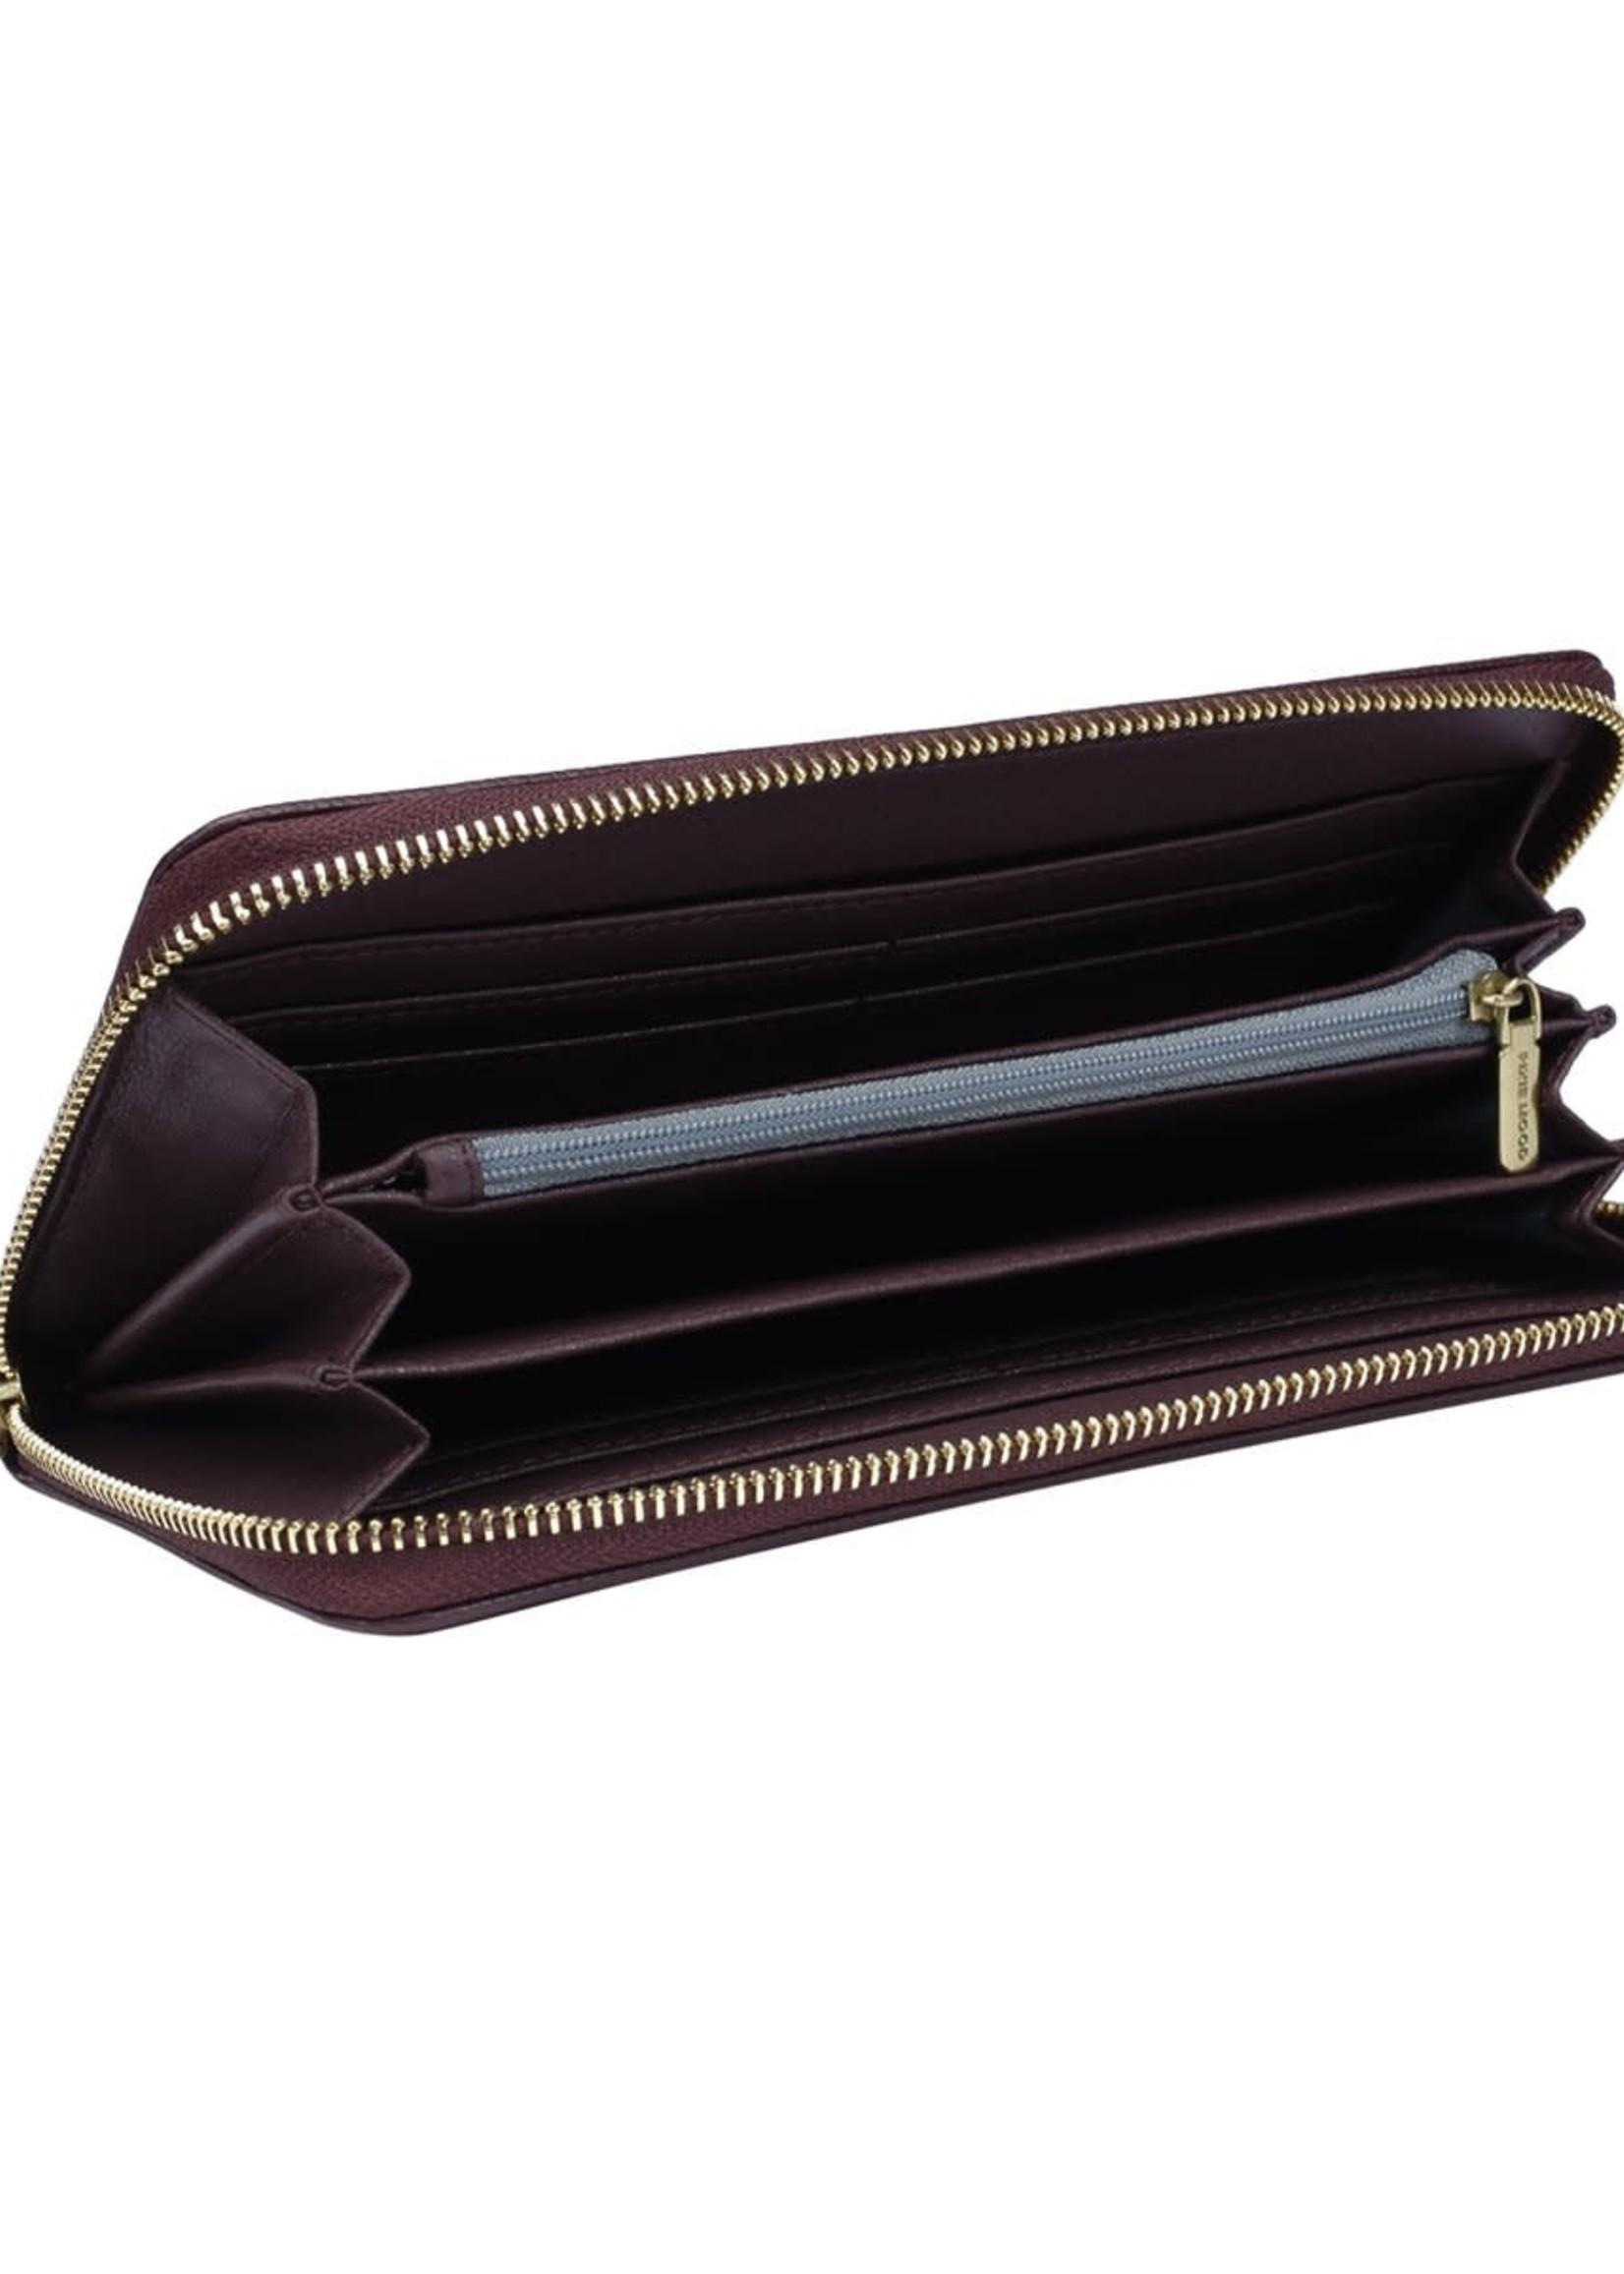 PIXIE MOOD EMMA Ziparound Wallet WINE